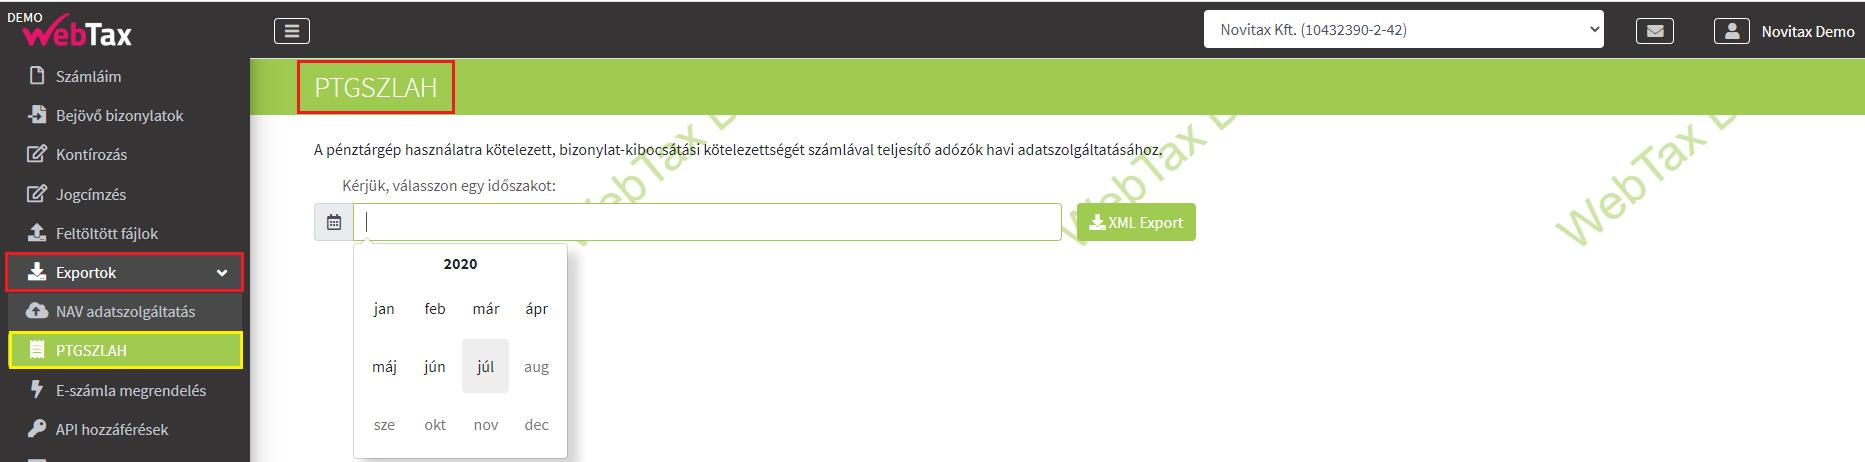 PTGSZLAH exportok ptgszlah nyomtatványhoz lekérdezés